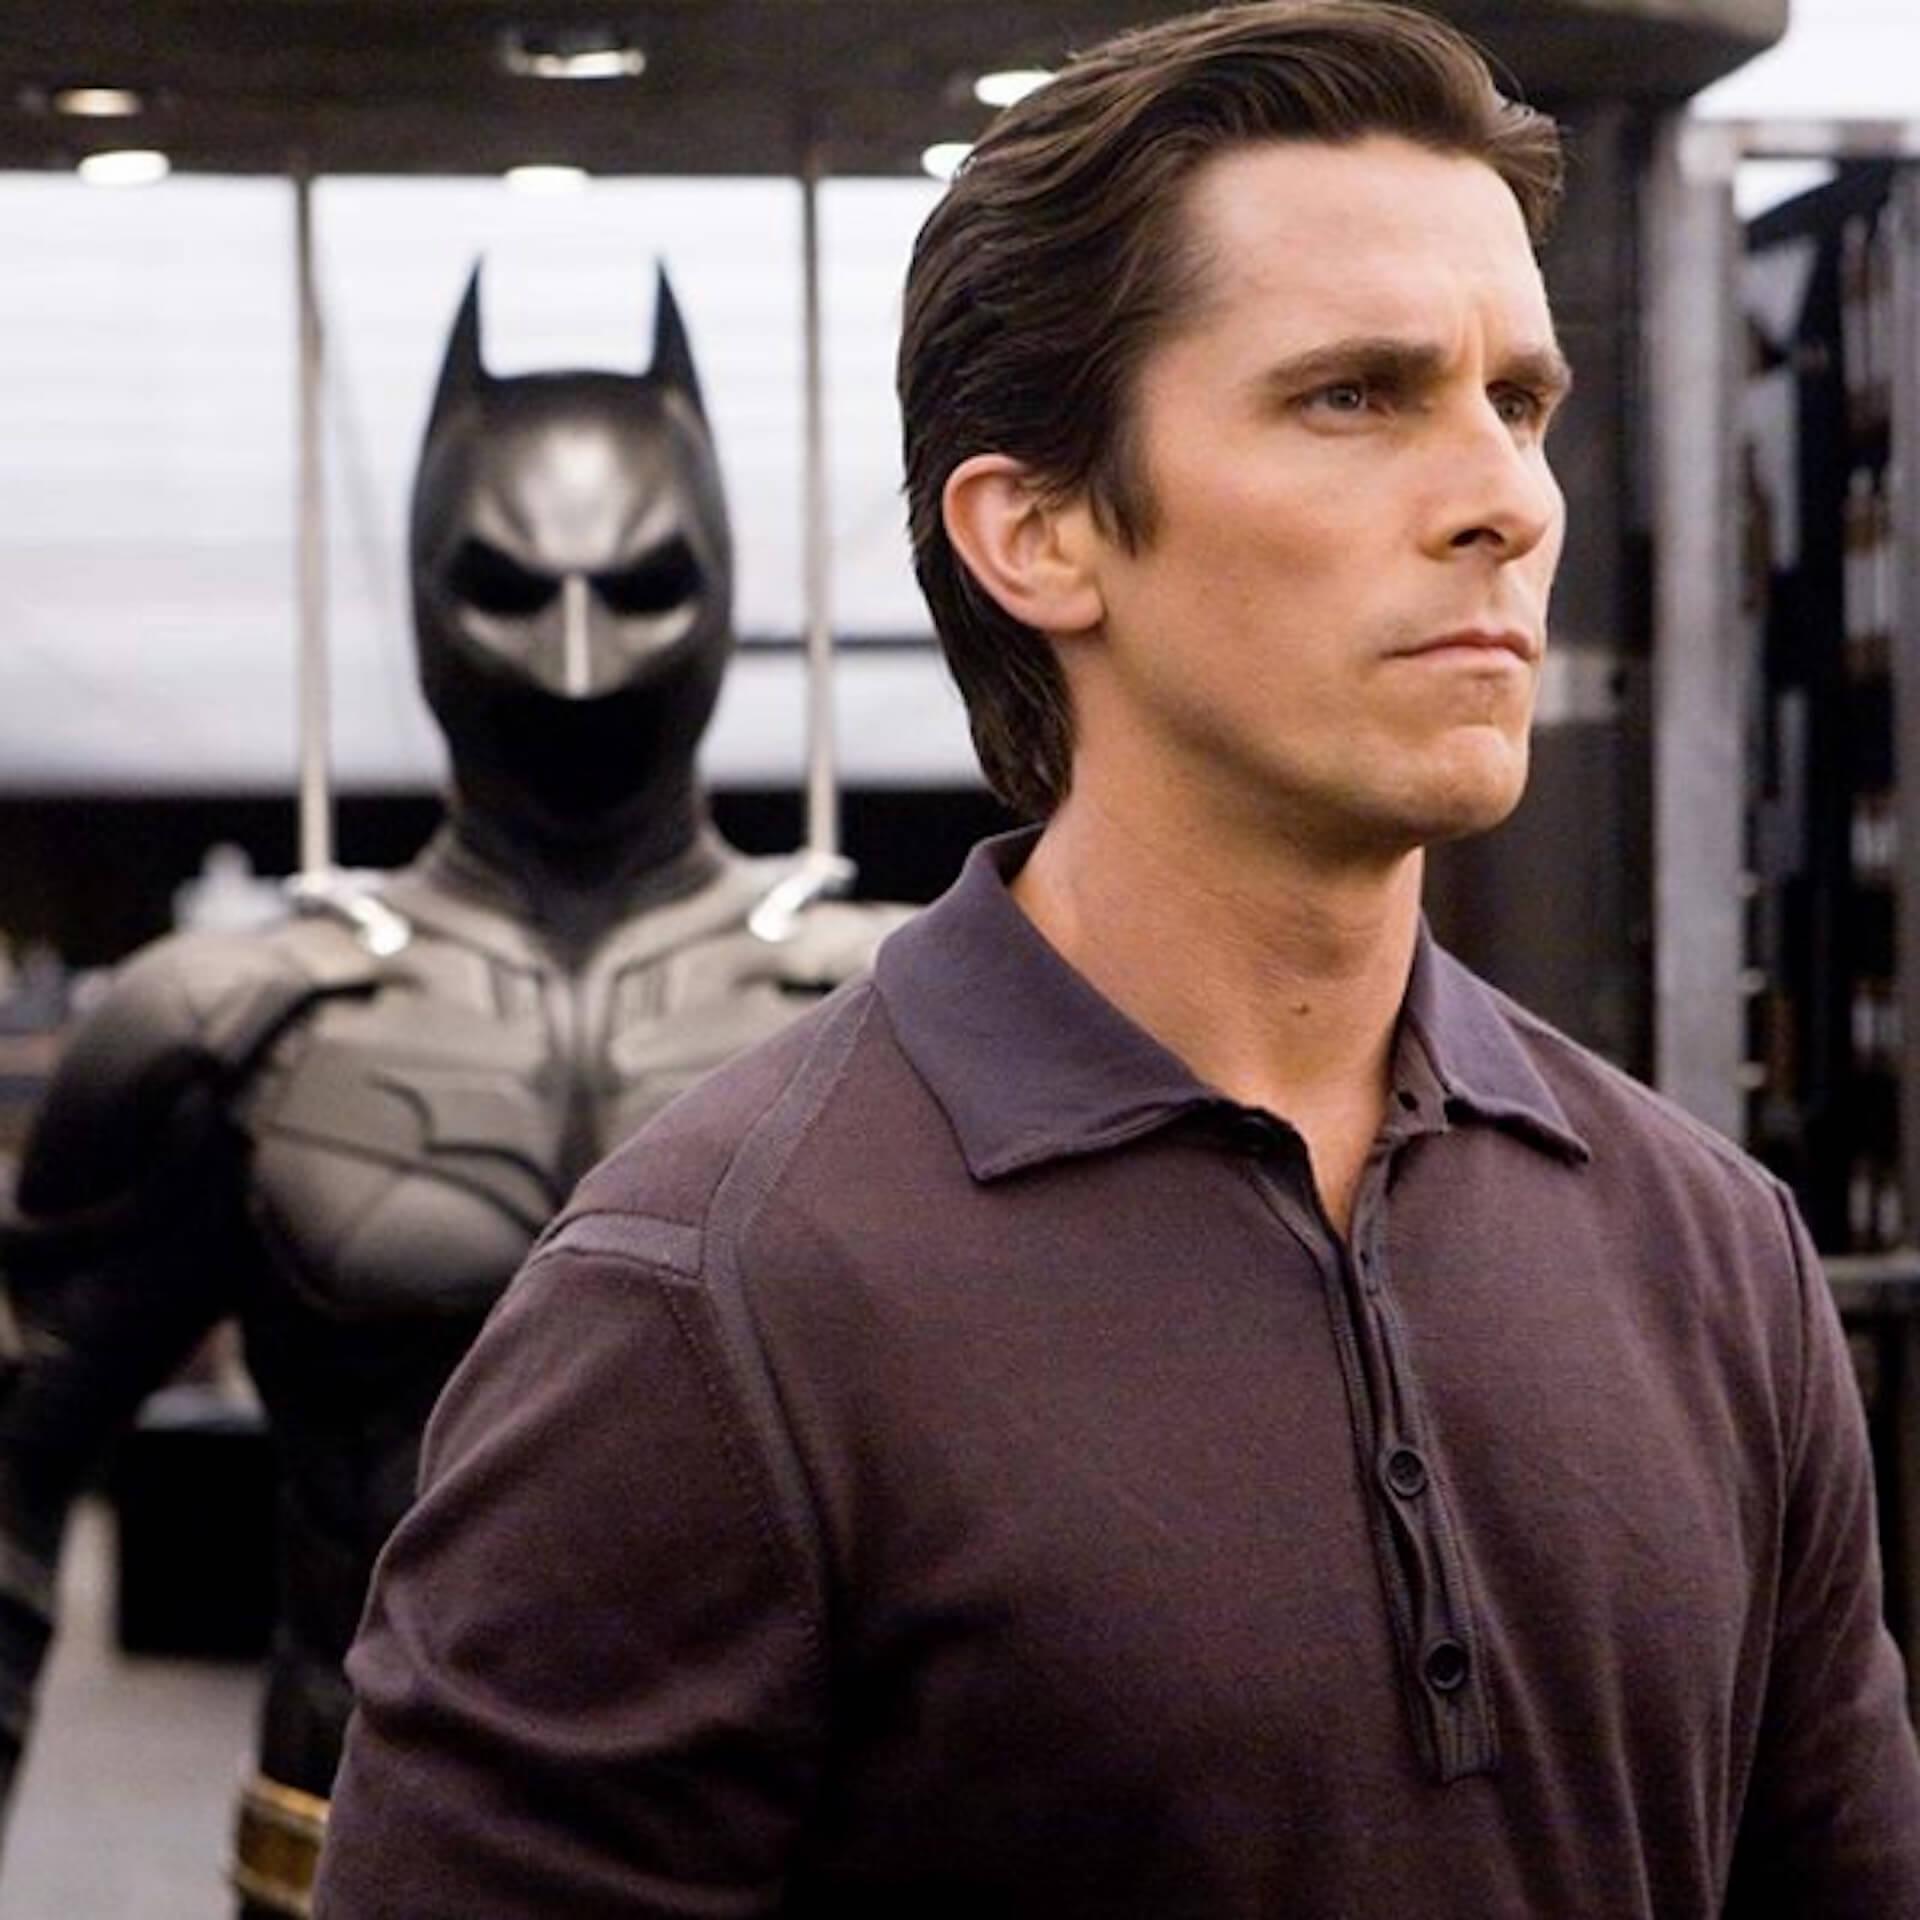 『マイティ・ソー』続編に「ダークナイト」シリーズのバットマン役クリスチャン・ベールが悪役として登場か? film200206_thor_batman_main